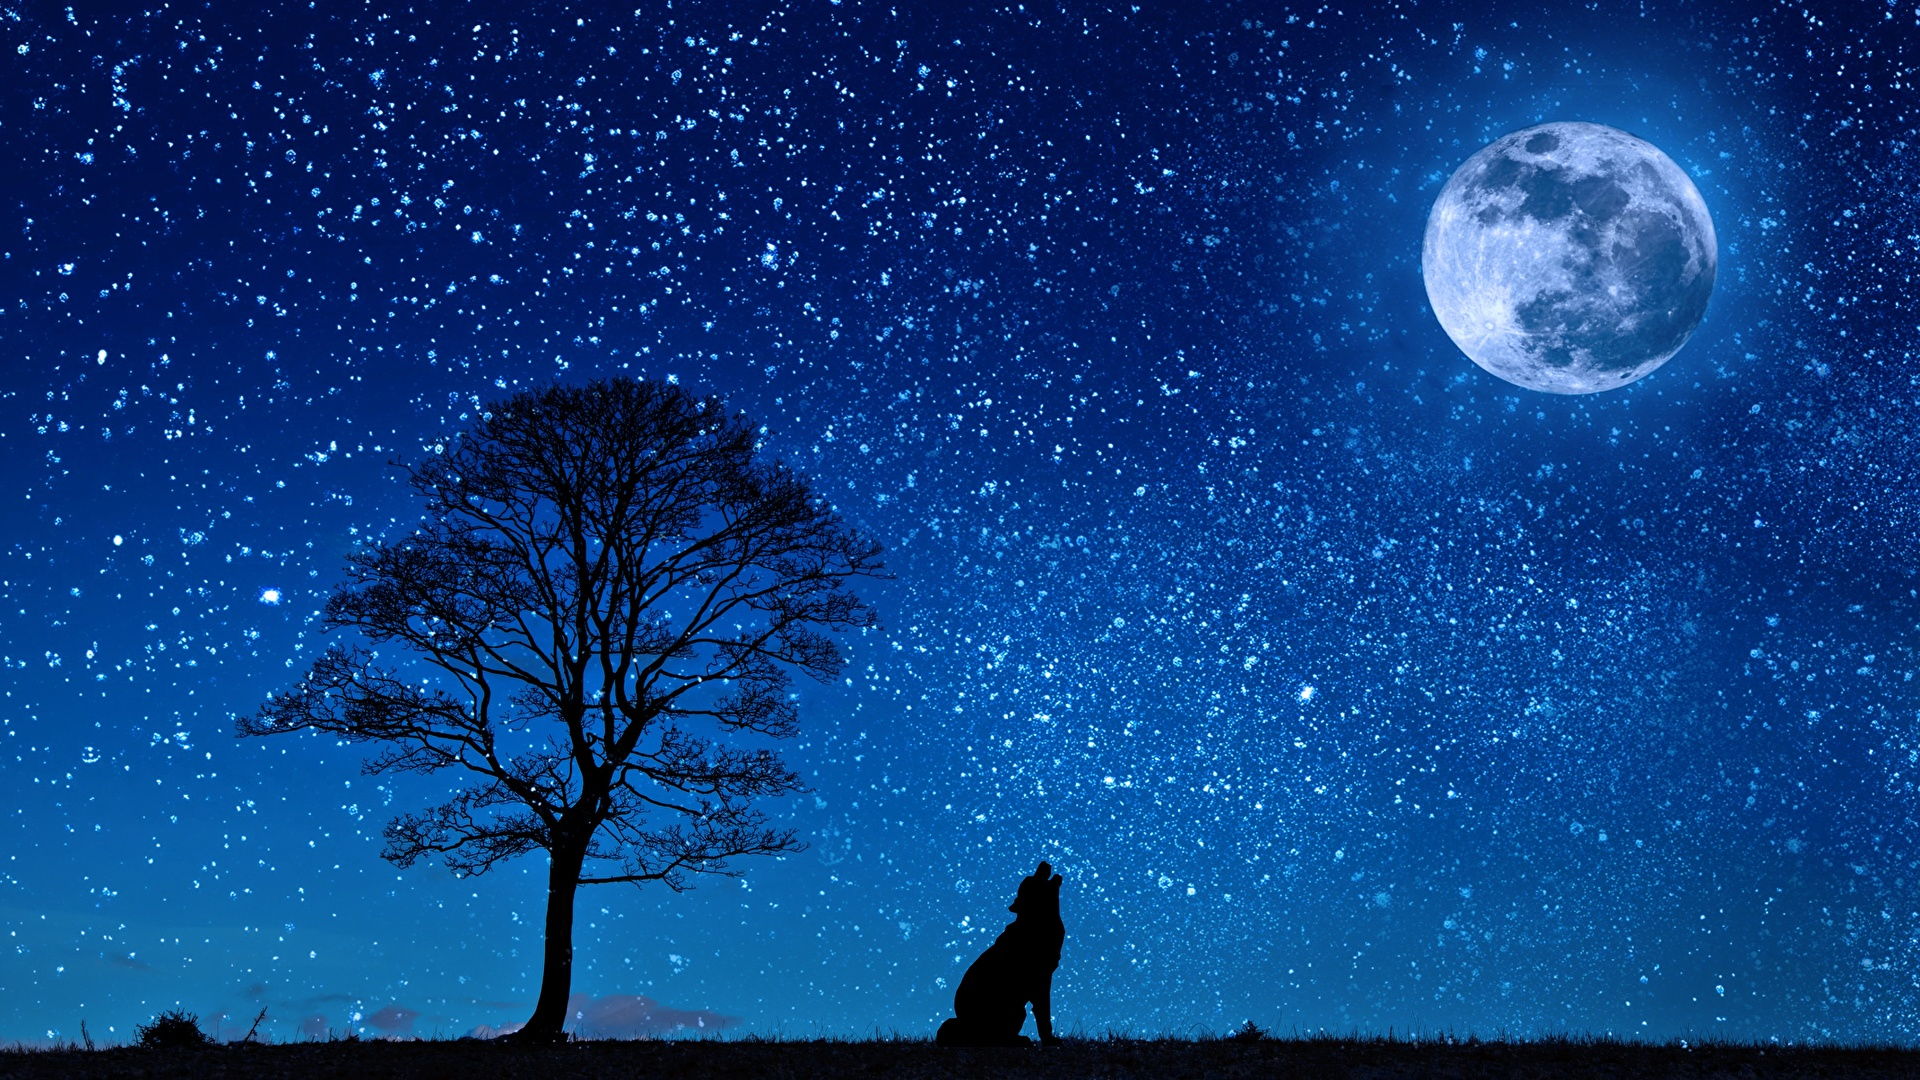 Картинки Волки Силуэт Природа луны Ночь Деревья 1920x1080 волк силуэты силуэта Луна луной ночью в ночи Ночные дерево дерева деревьев